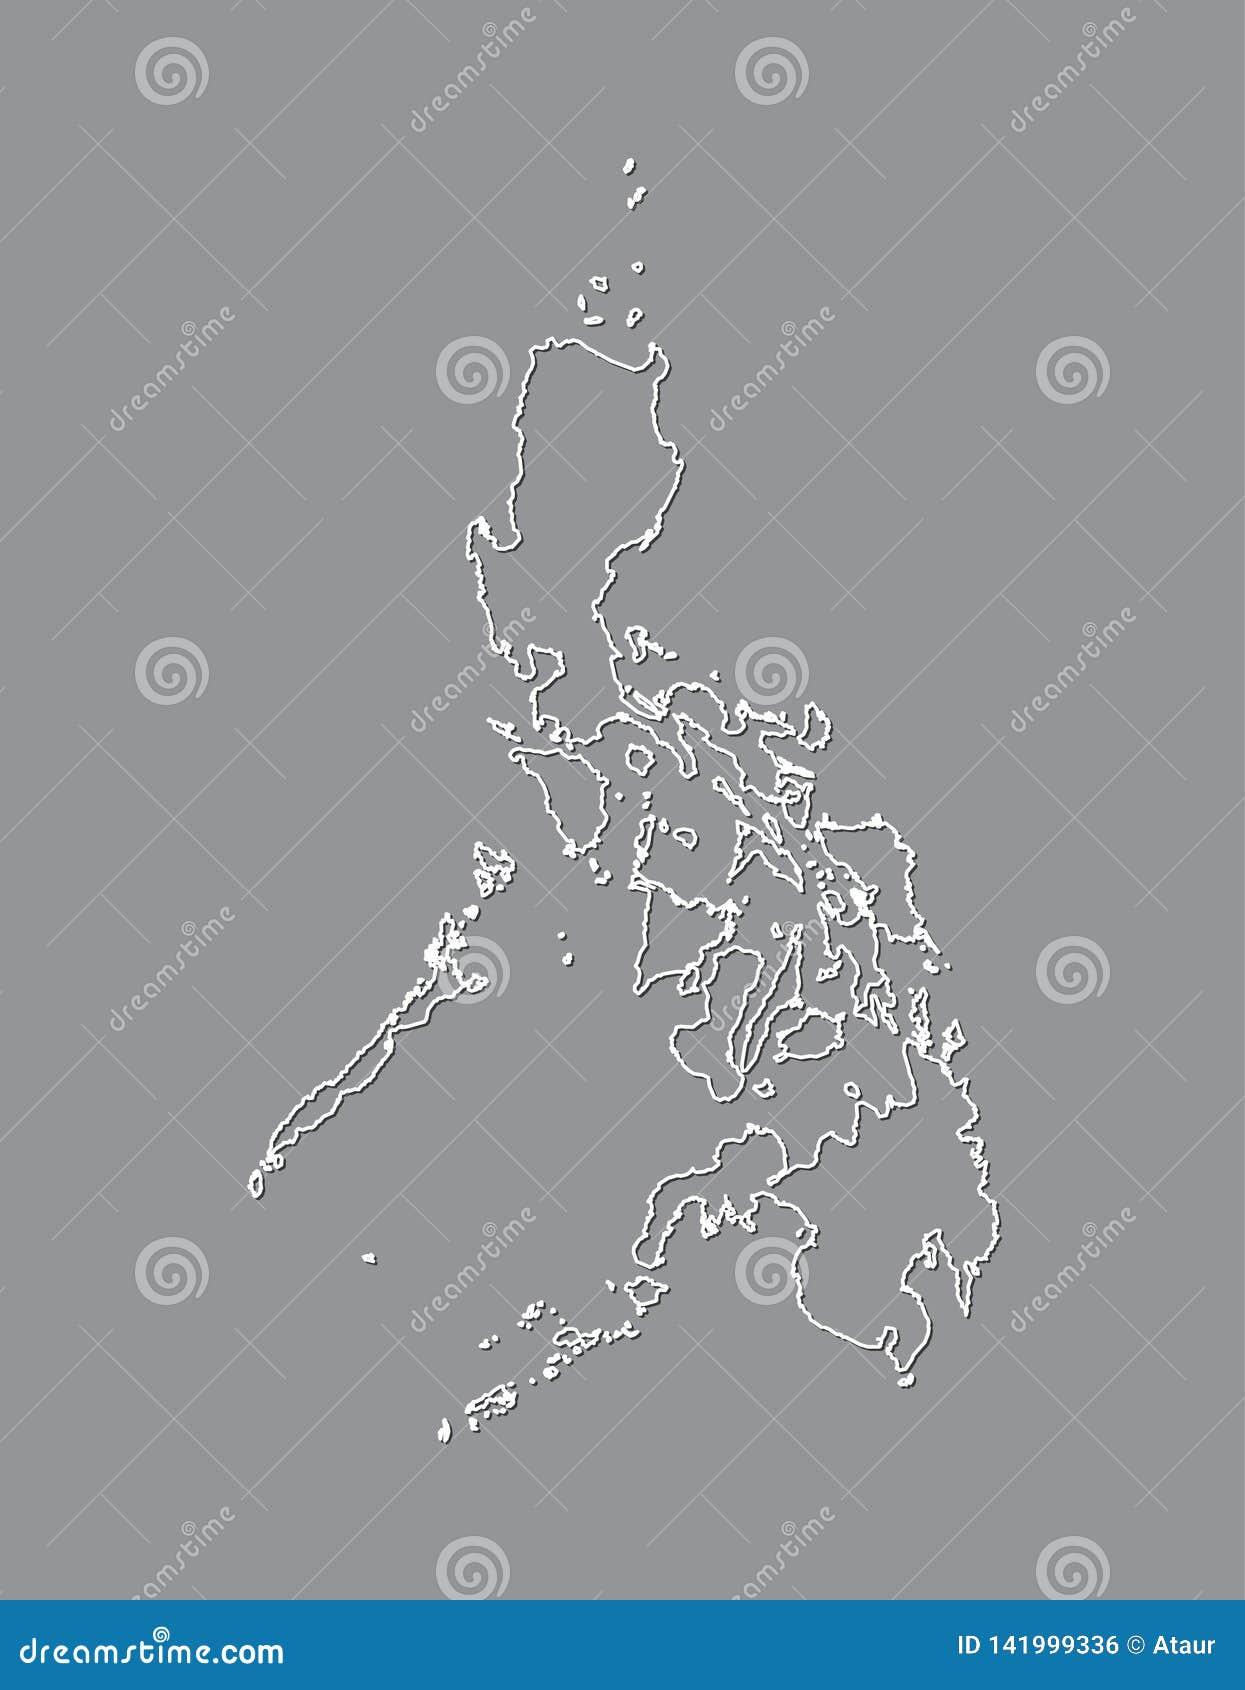 Philippinen-Vektorkarte mit einzelner Grenze Grenze unter Verwendung der weißen Farbe auf dunkler Hintergrundillustration